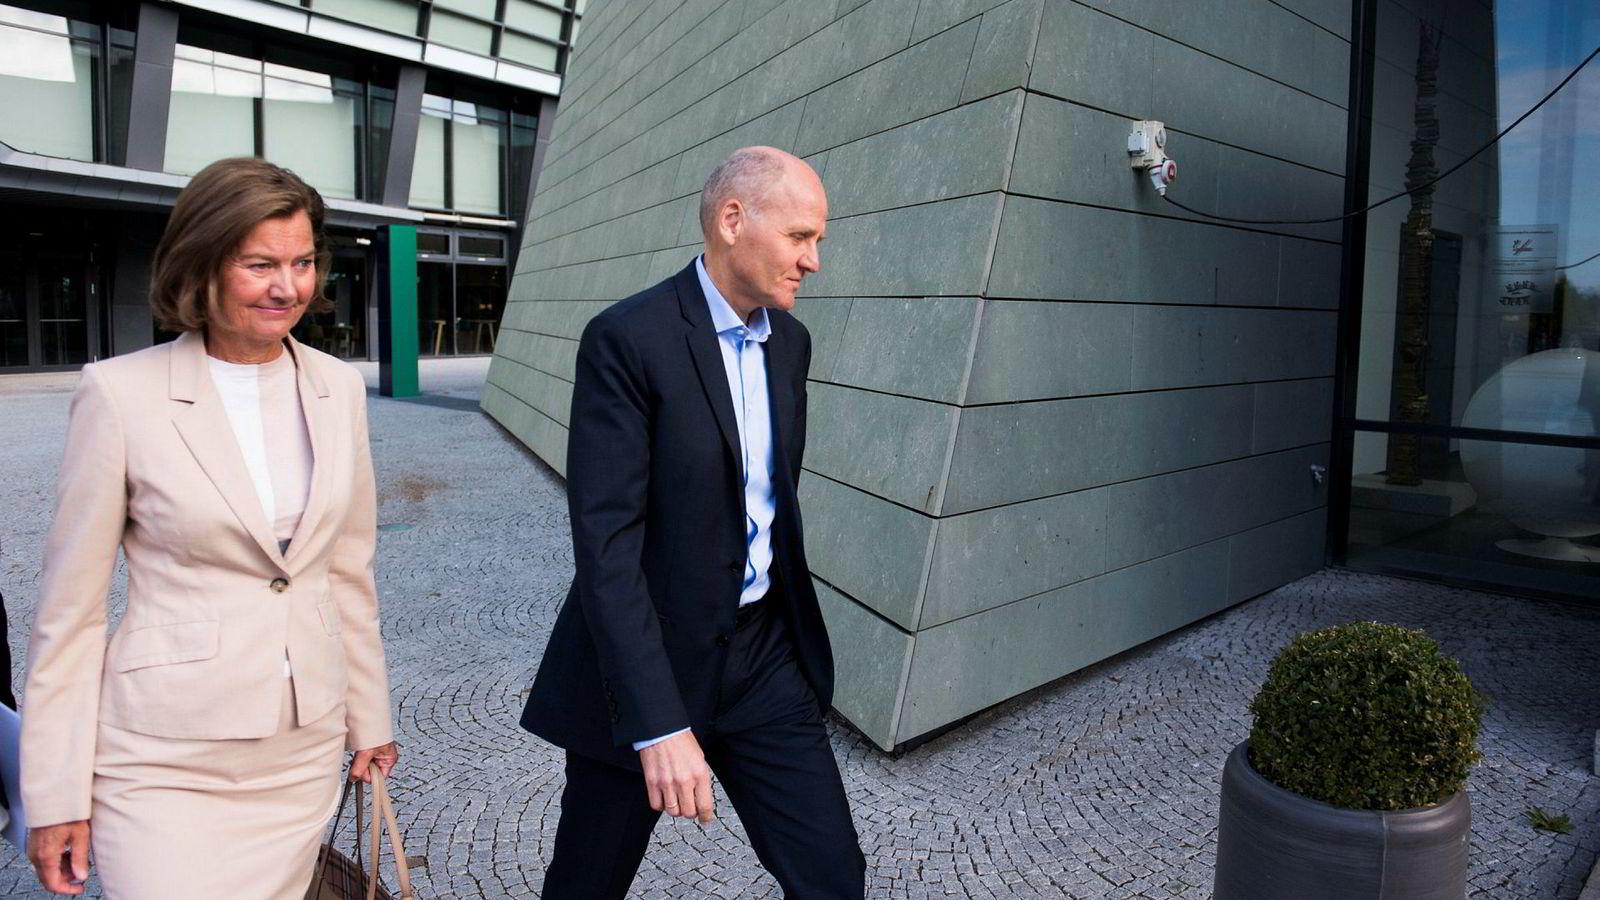 Styreleder Gunn Wærsted og konsernsjef Sigve Brekke i Telenor ankommer selskapets lokaler i Fornebu tirsdag formiddag.